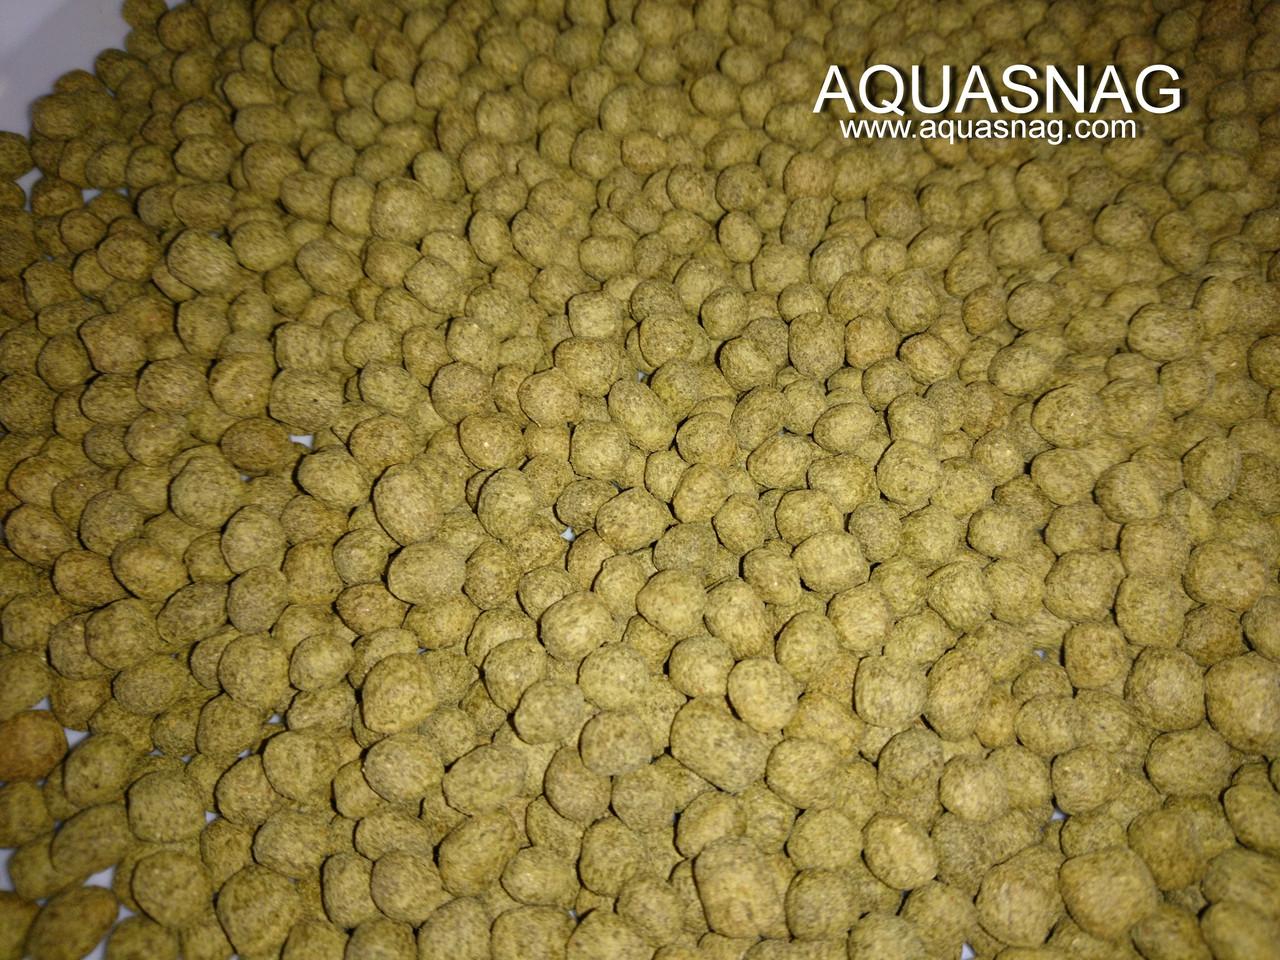 Кои Макси, зеленый -250г, основной, витаминизированный корм для крупных прудовых рыб